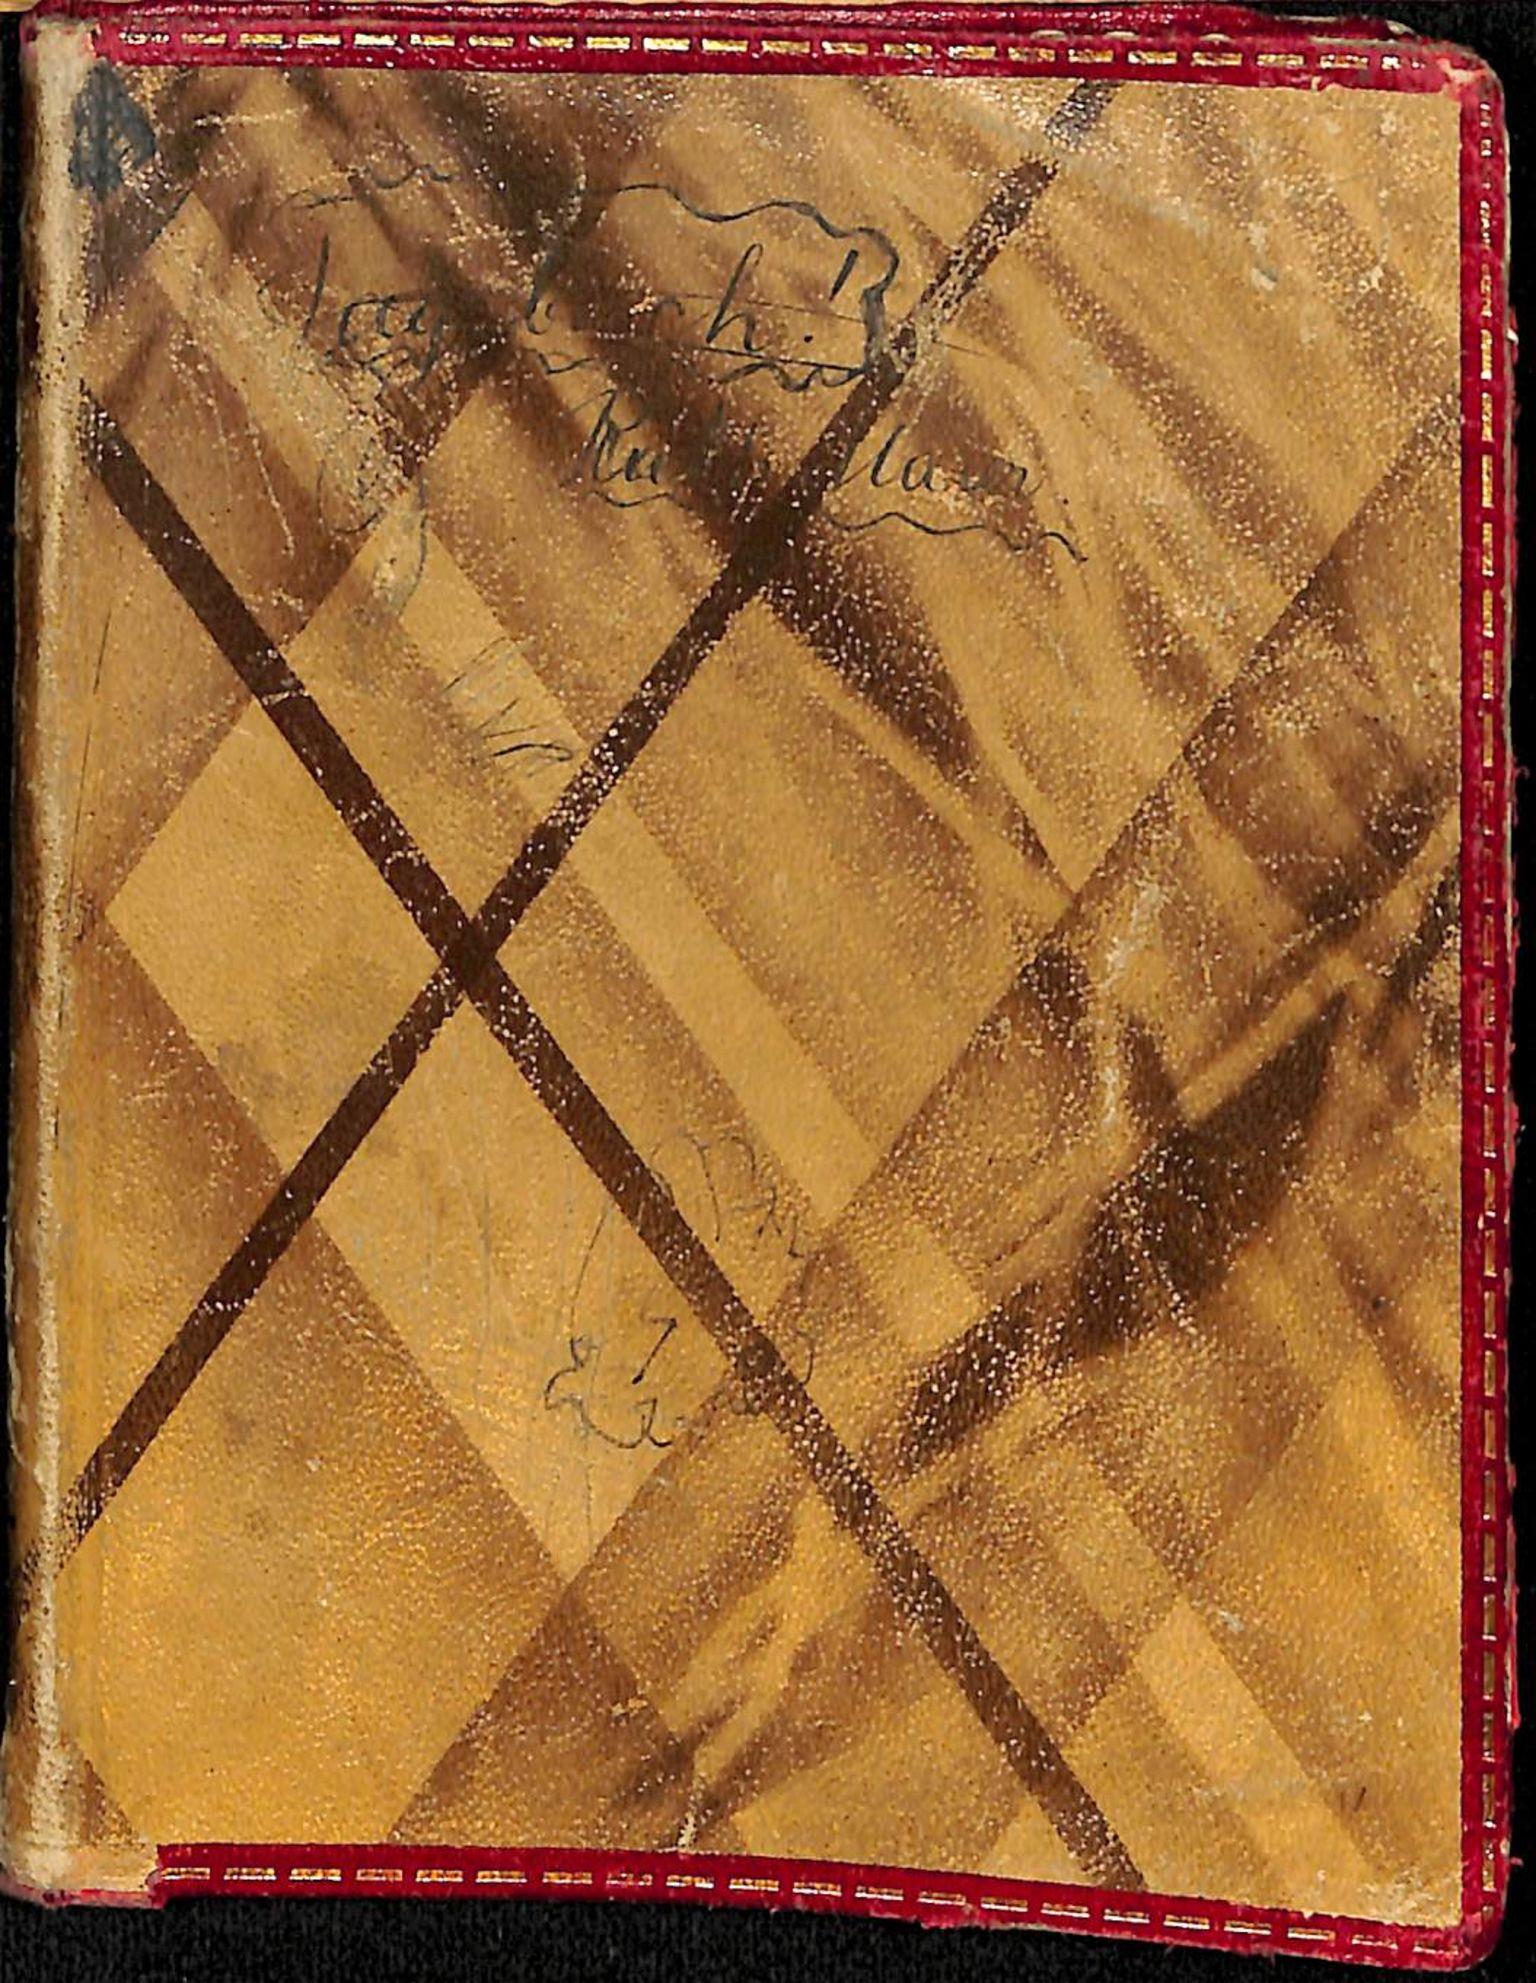 HL, Maier, Ruth, G, 1936-1937